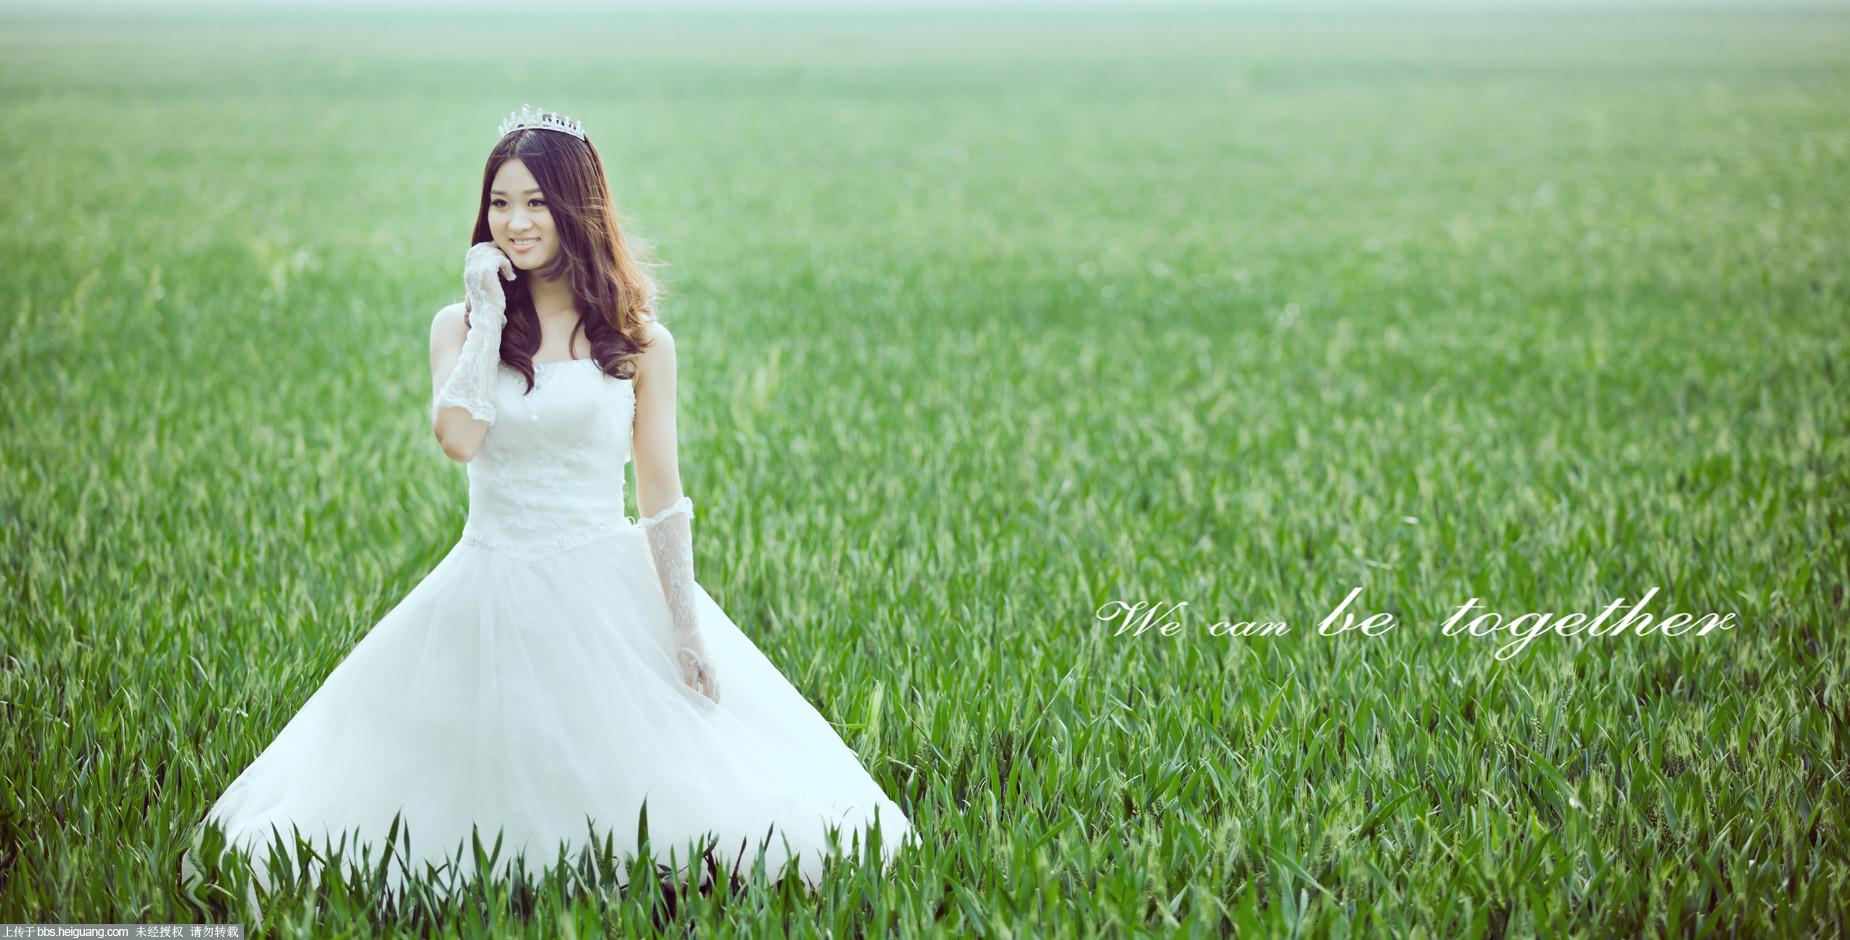 壁纸 成片种植 风景 婚纱 婚纱照 植物 种植基地 桌面 1850_940